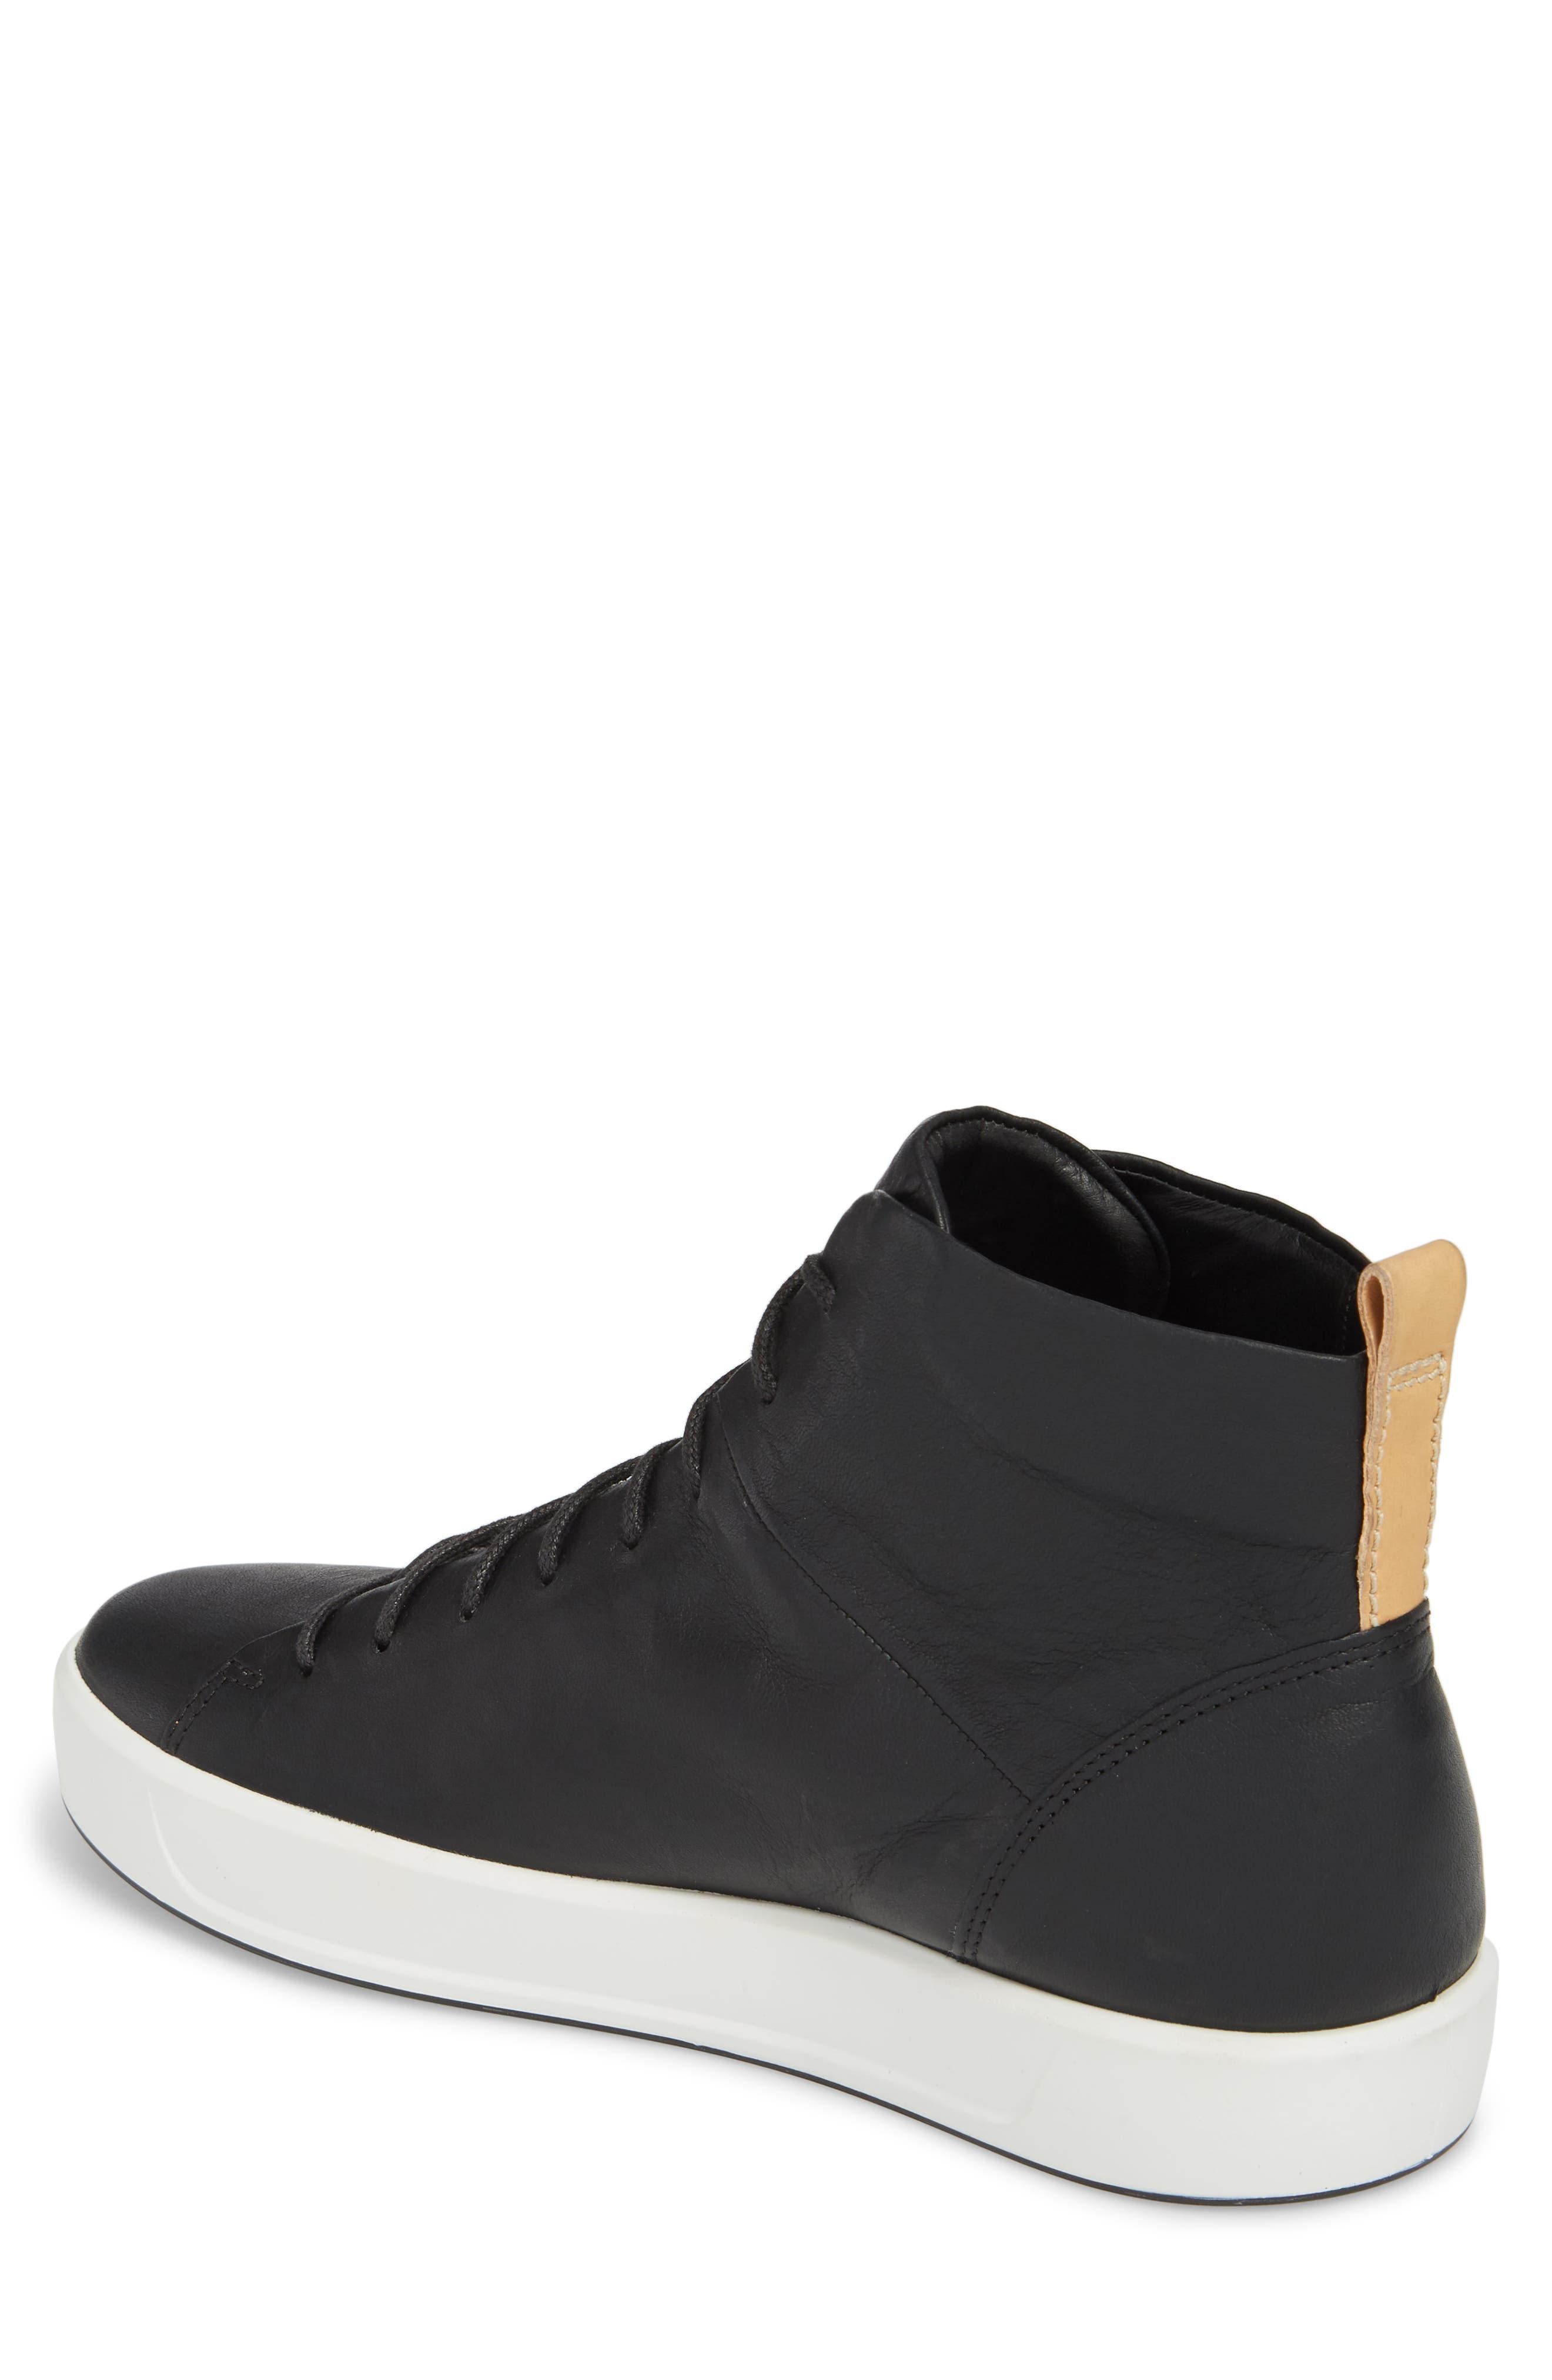 Soft 8 Sneaker,                             Alternate thumbnail 6, color,